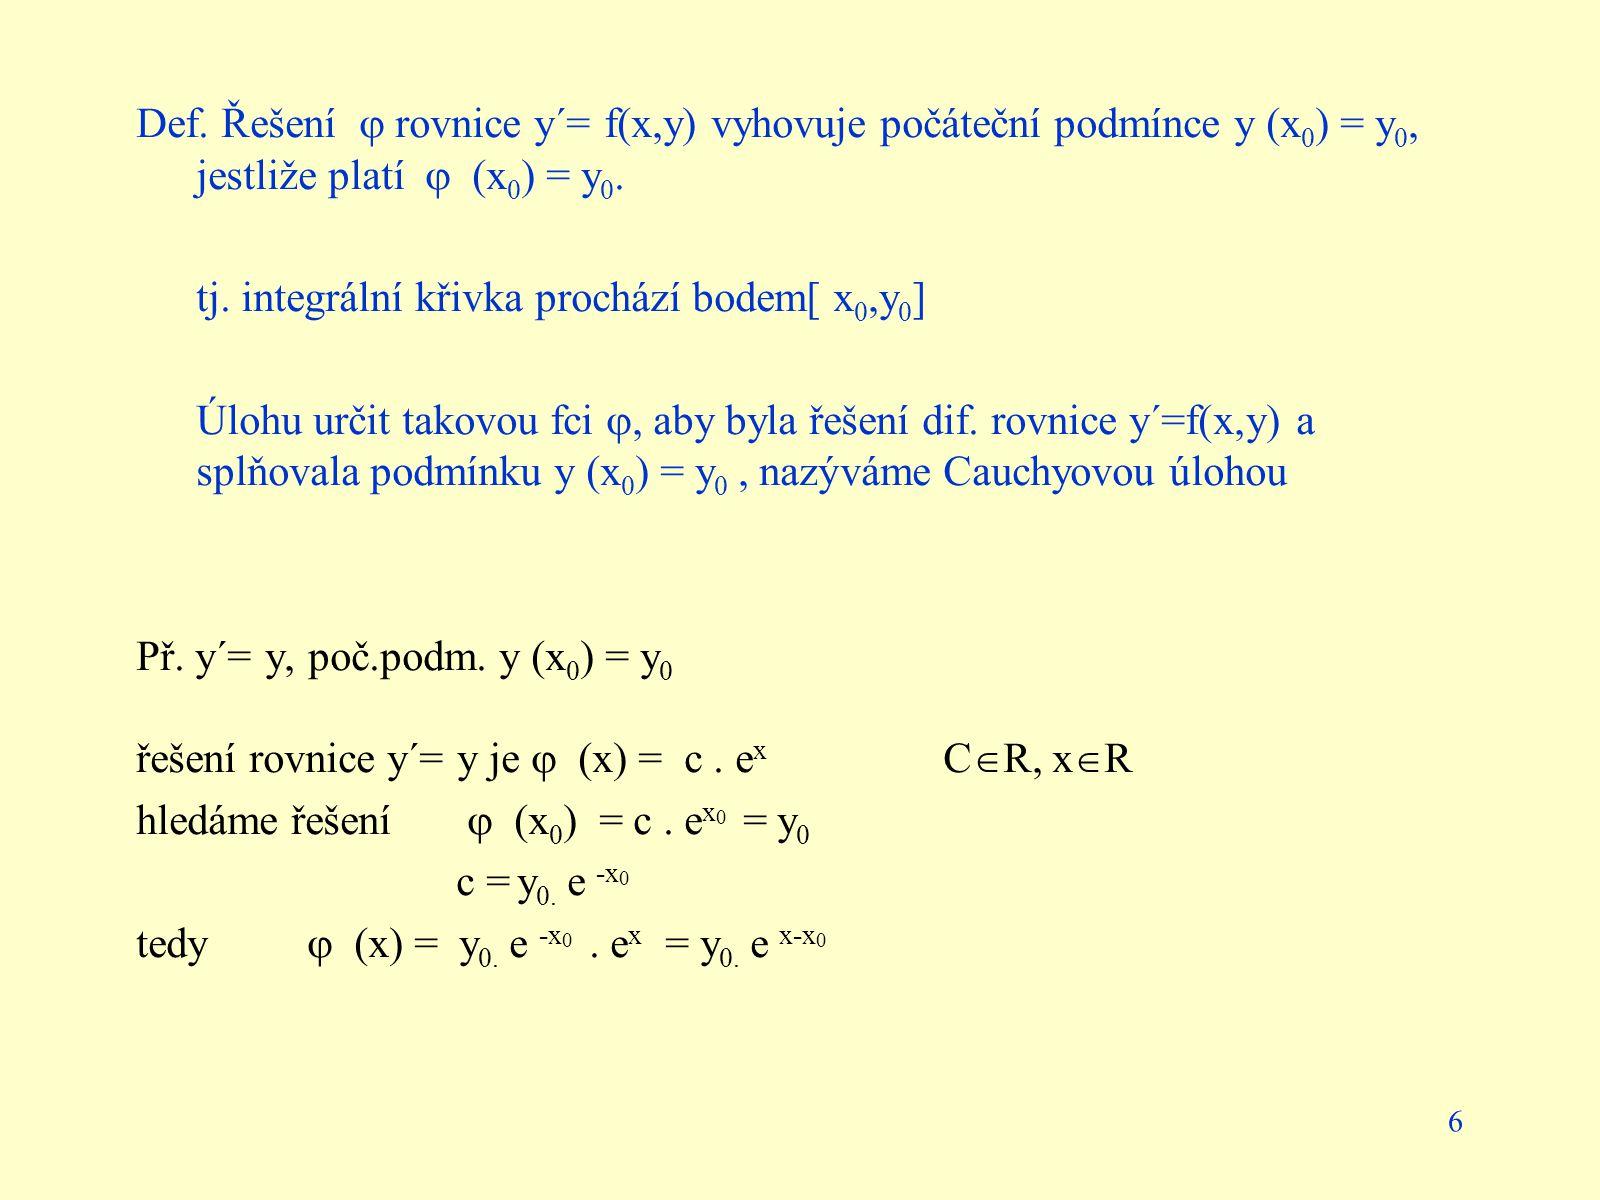 Def. Řešení  rovnice y´= f(x,y) vyhovuje počáteční podmínce y (x0) = y0, jestliže platí  (x0) = y0.